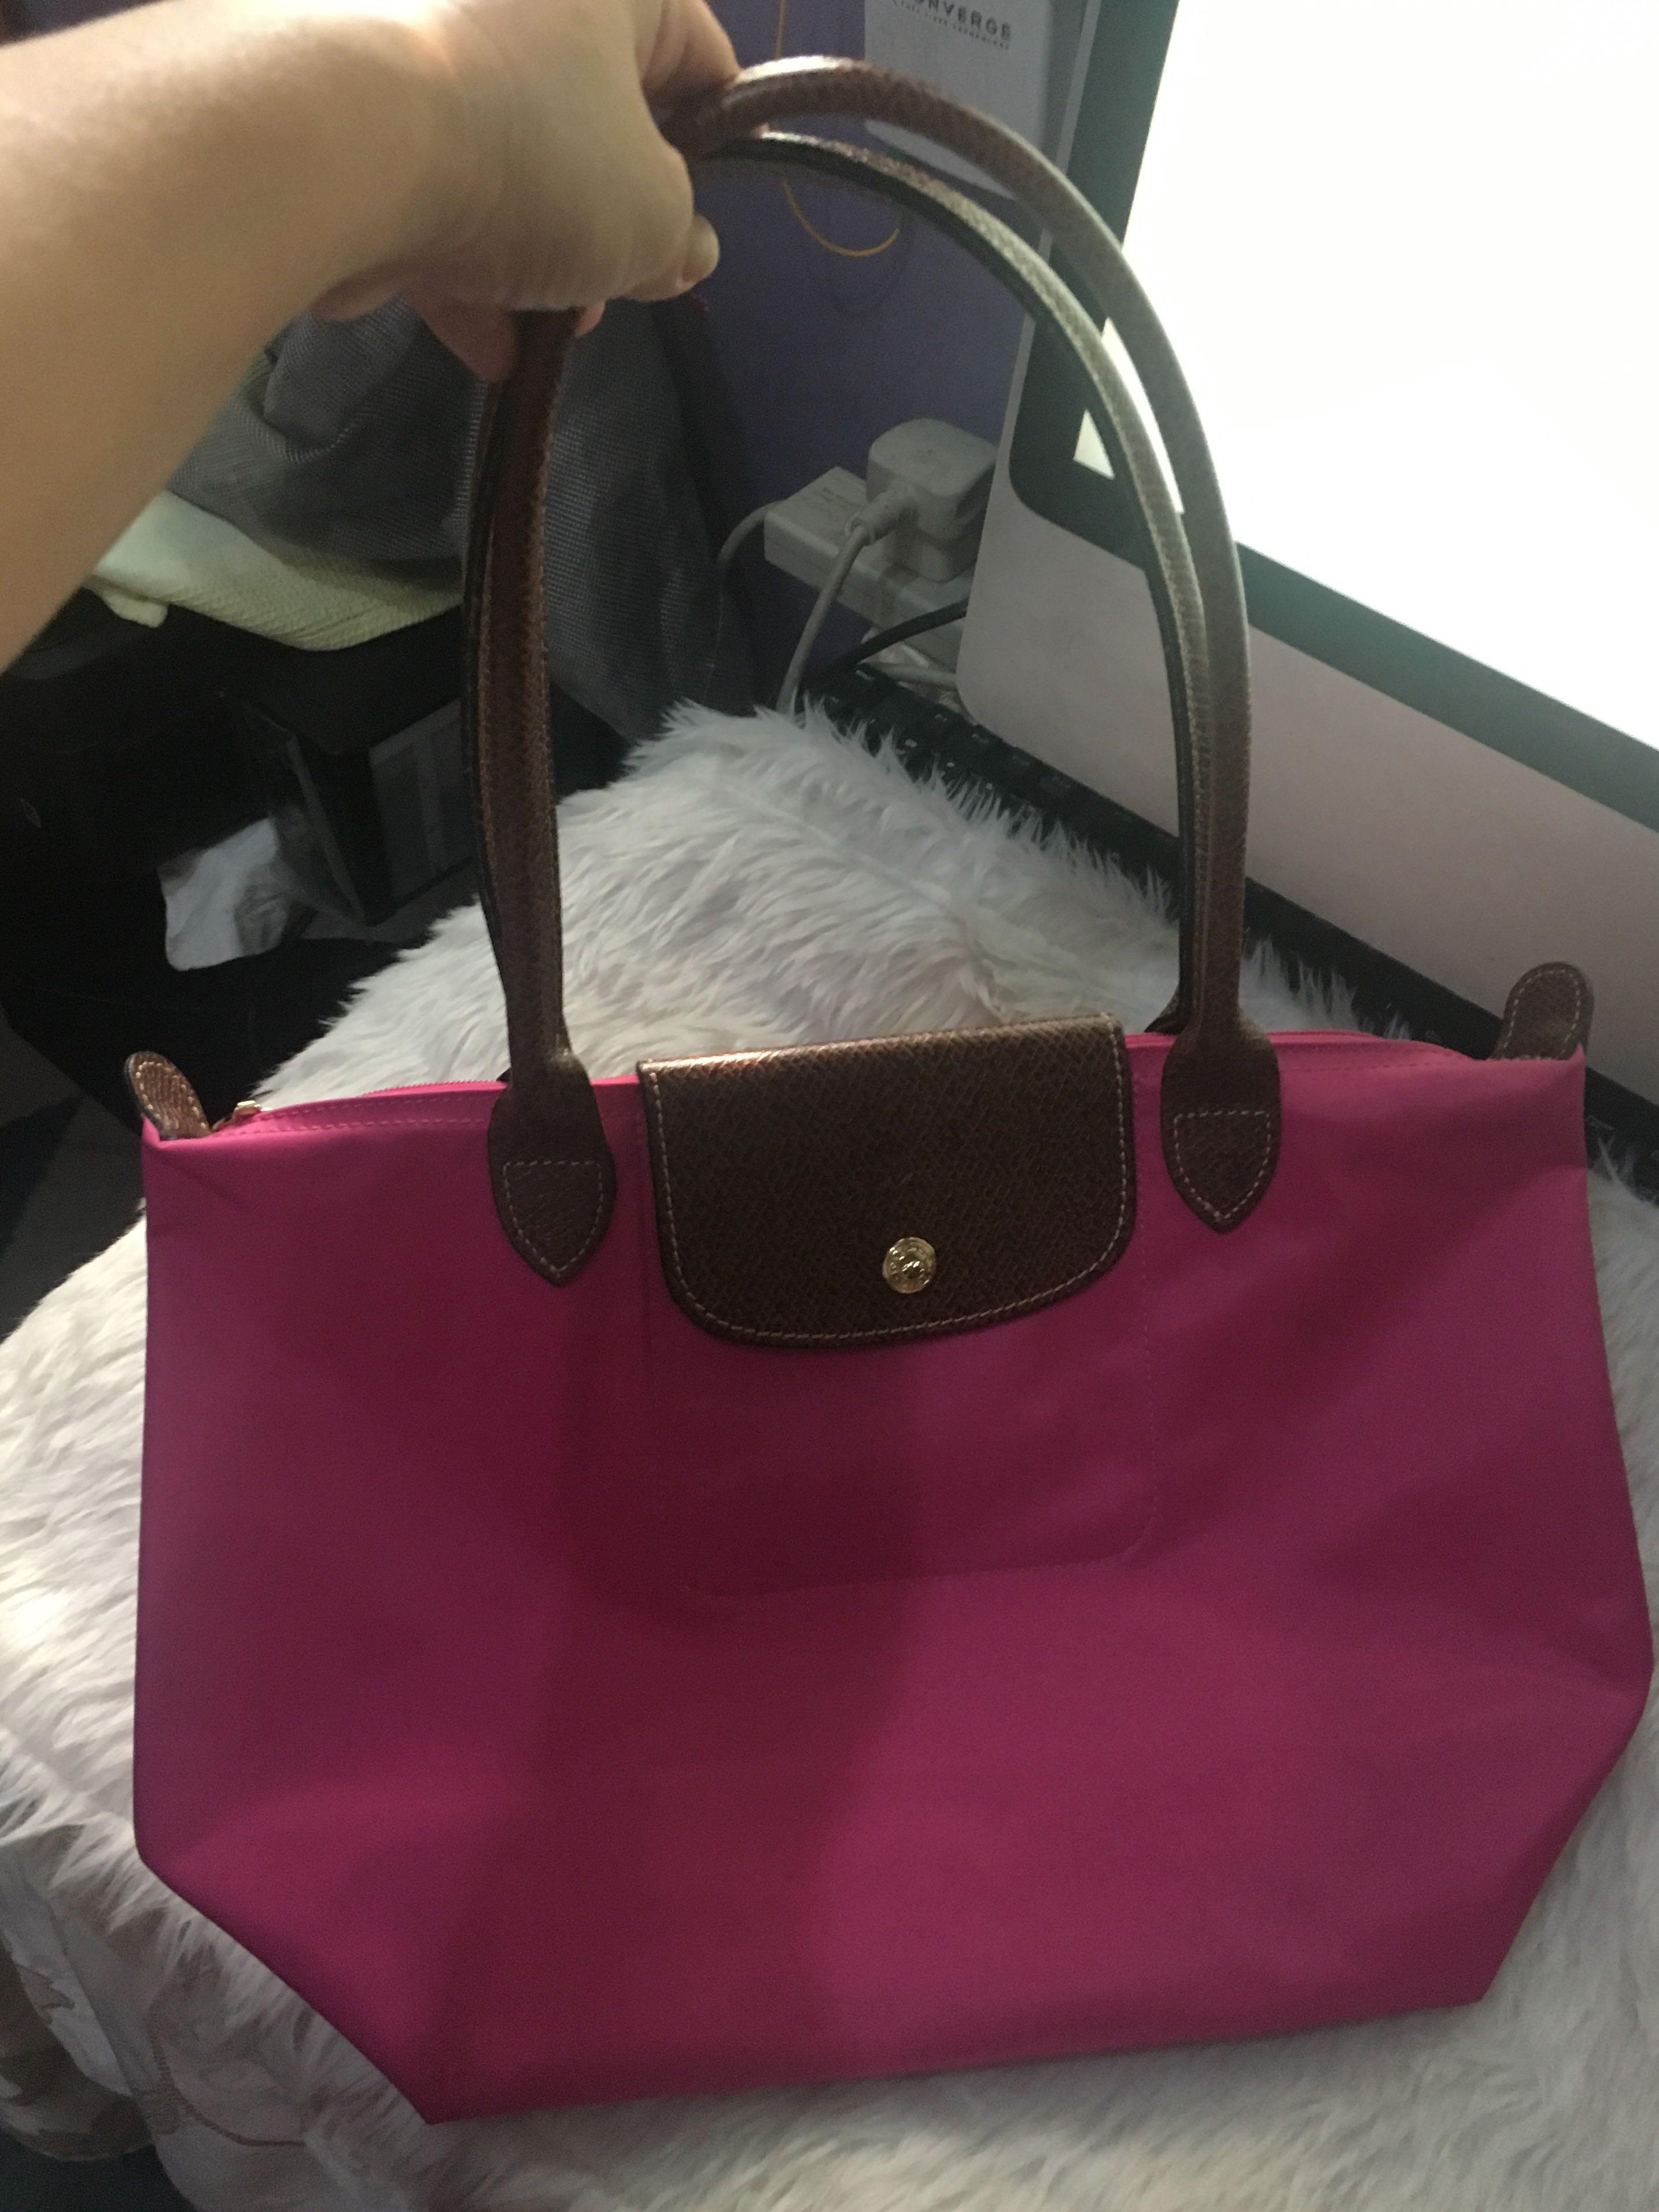 1b90d46174 Authentic longchamp le pliage smal, Women's Fashion, Bags & Wallets ...